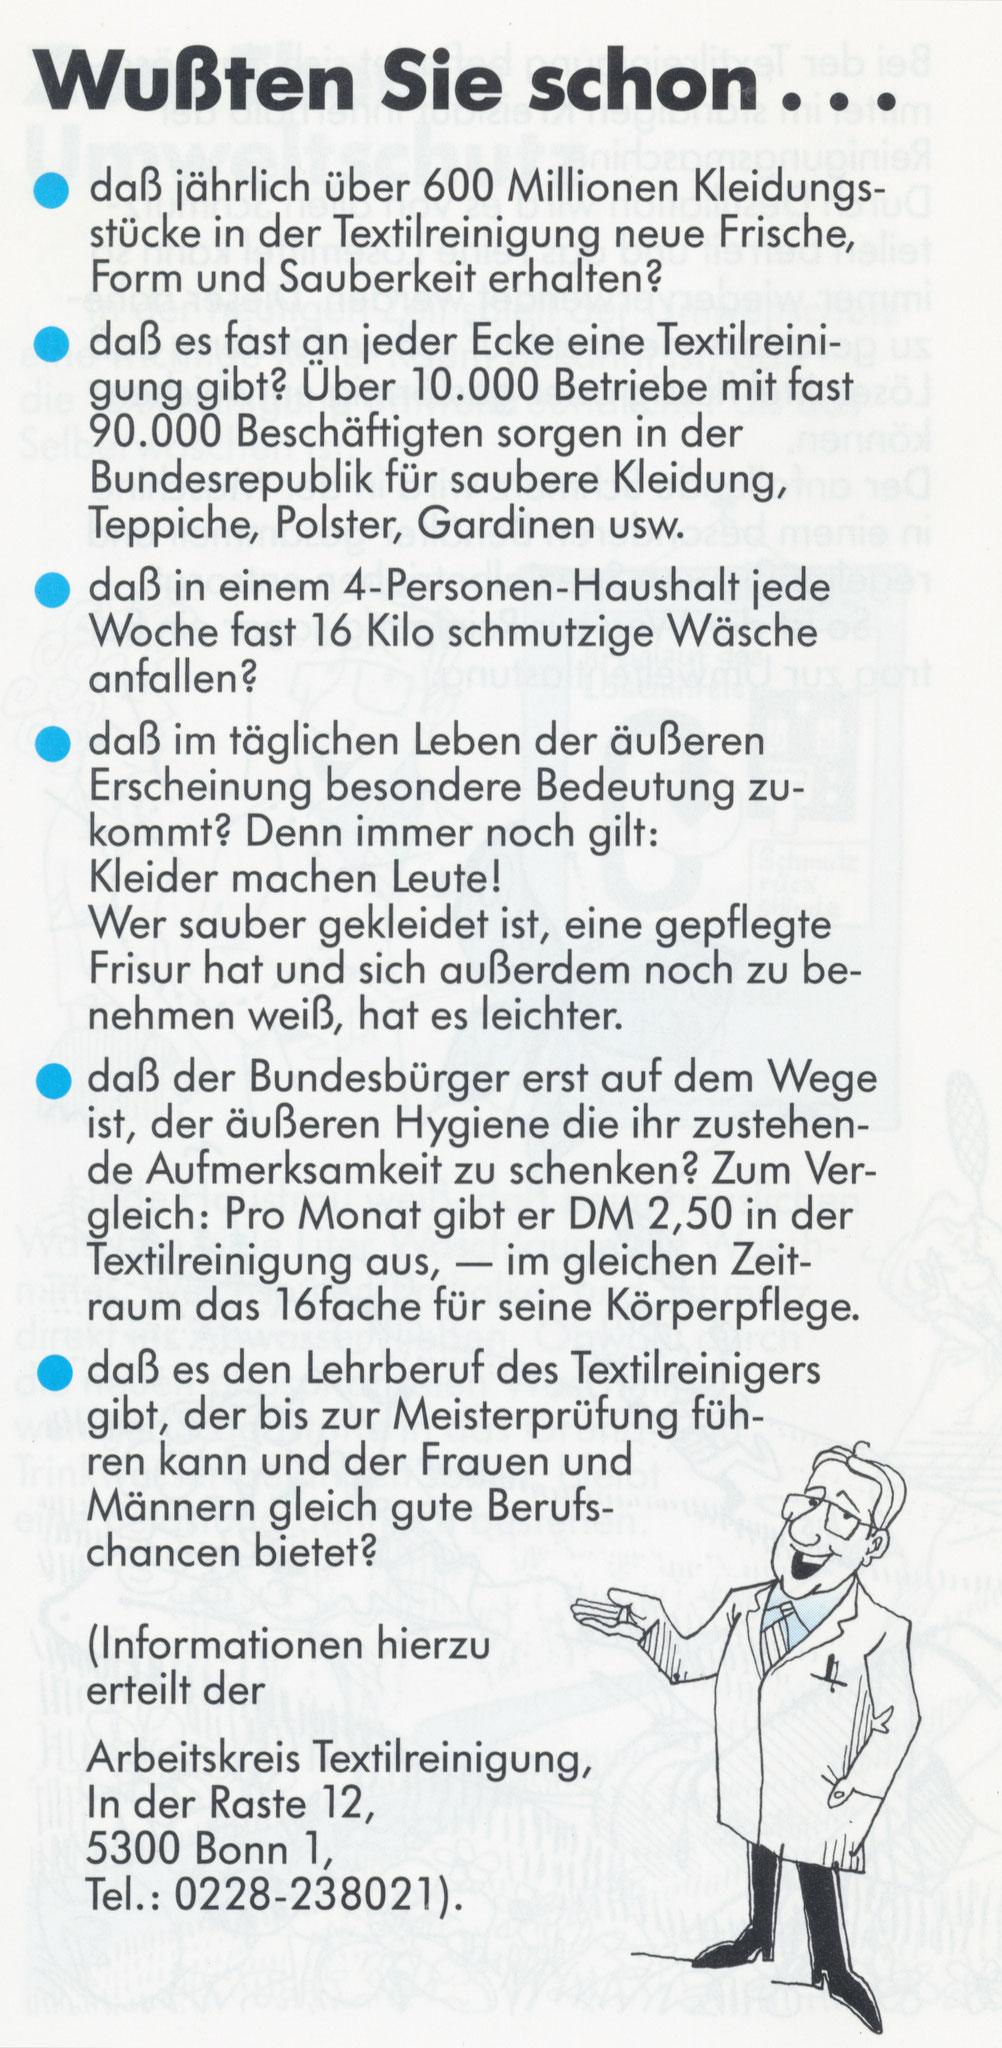 1980 Müden Arbeitskreis Textilreinigung:  Seite 11, Wussten Sie schon